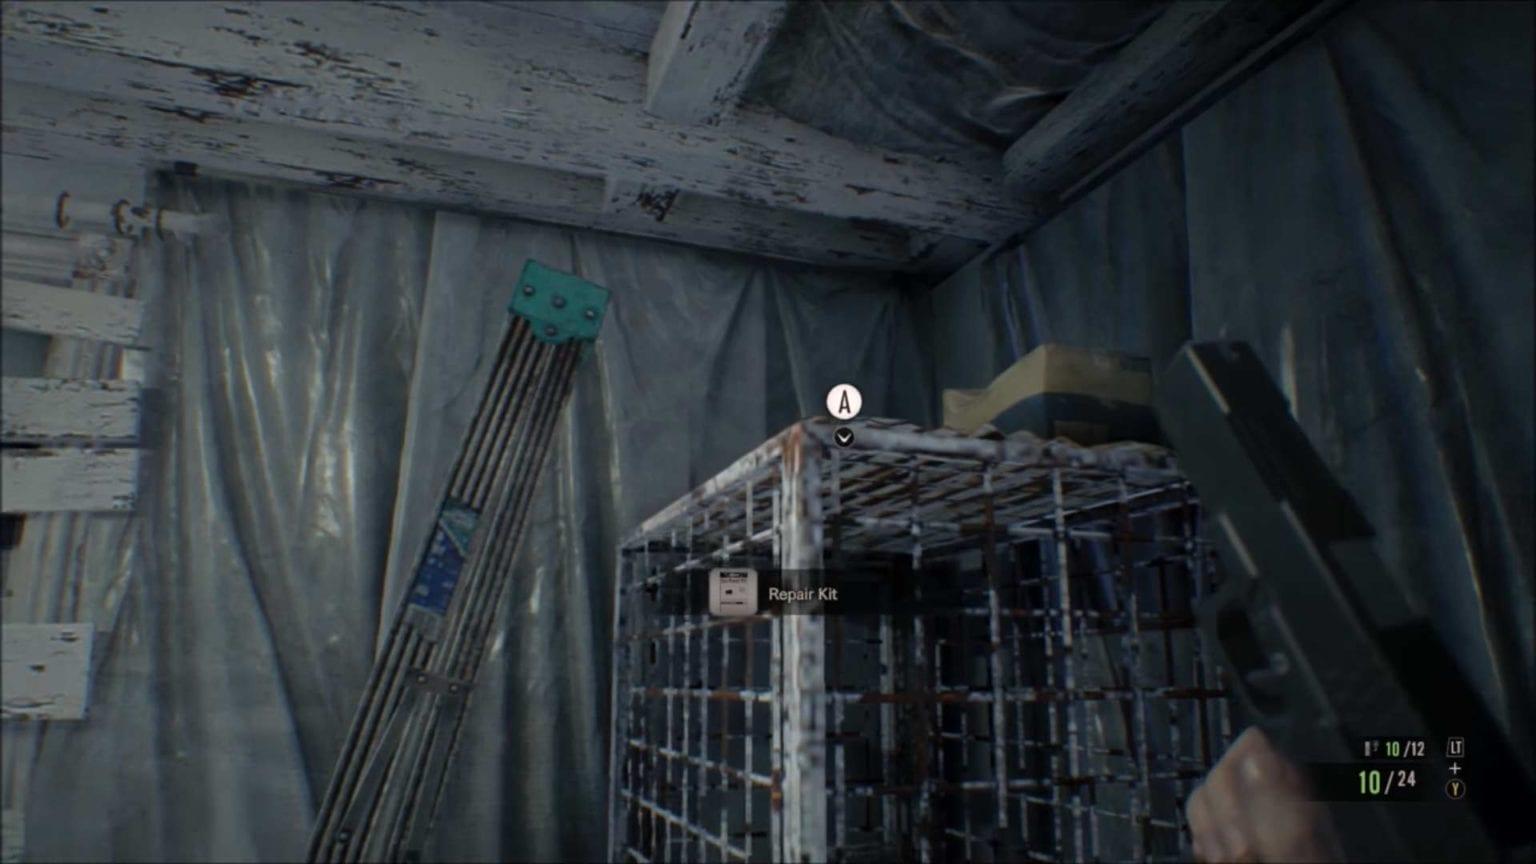 Location 3. Treasure photo - cage